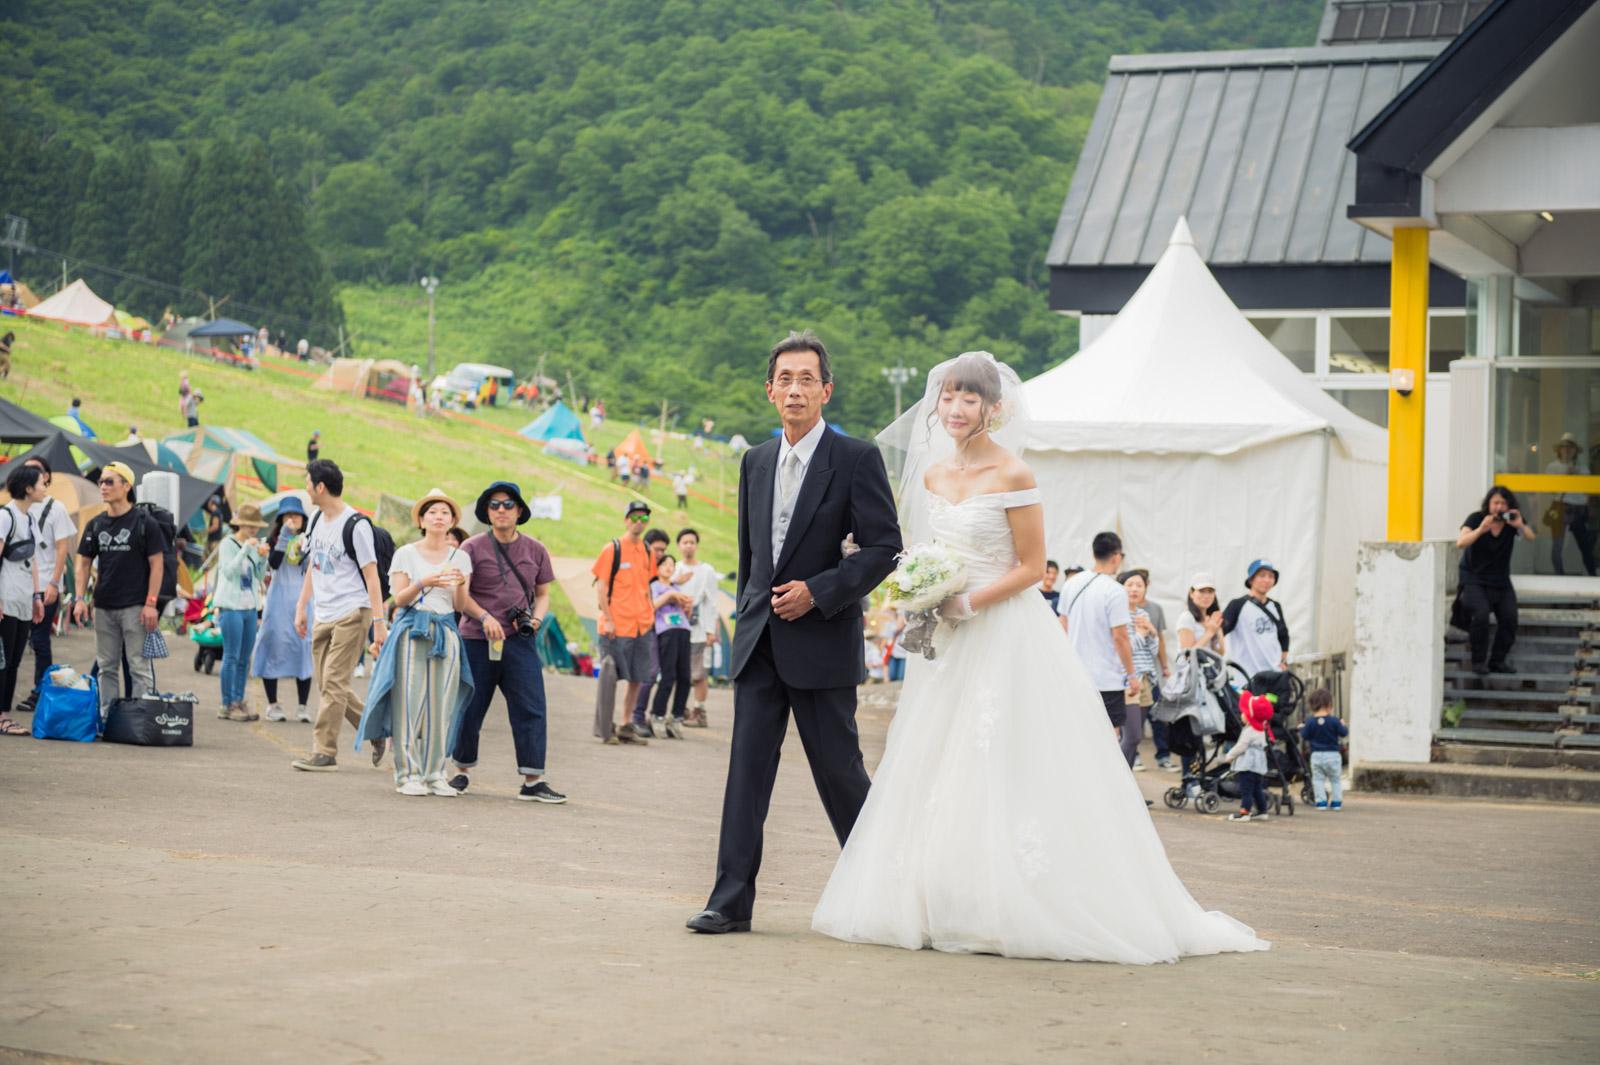 結婚式参加以外の人も優しく見守ります。